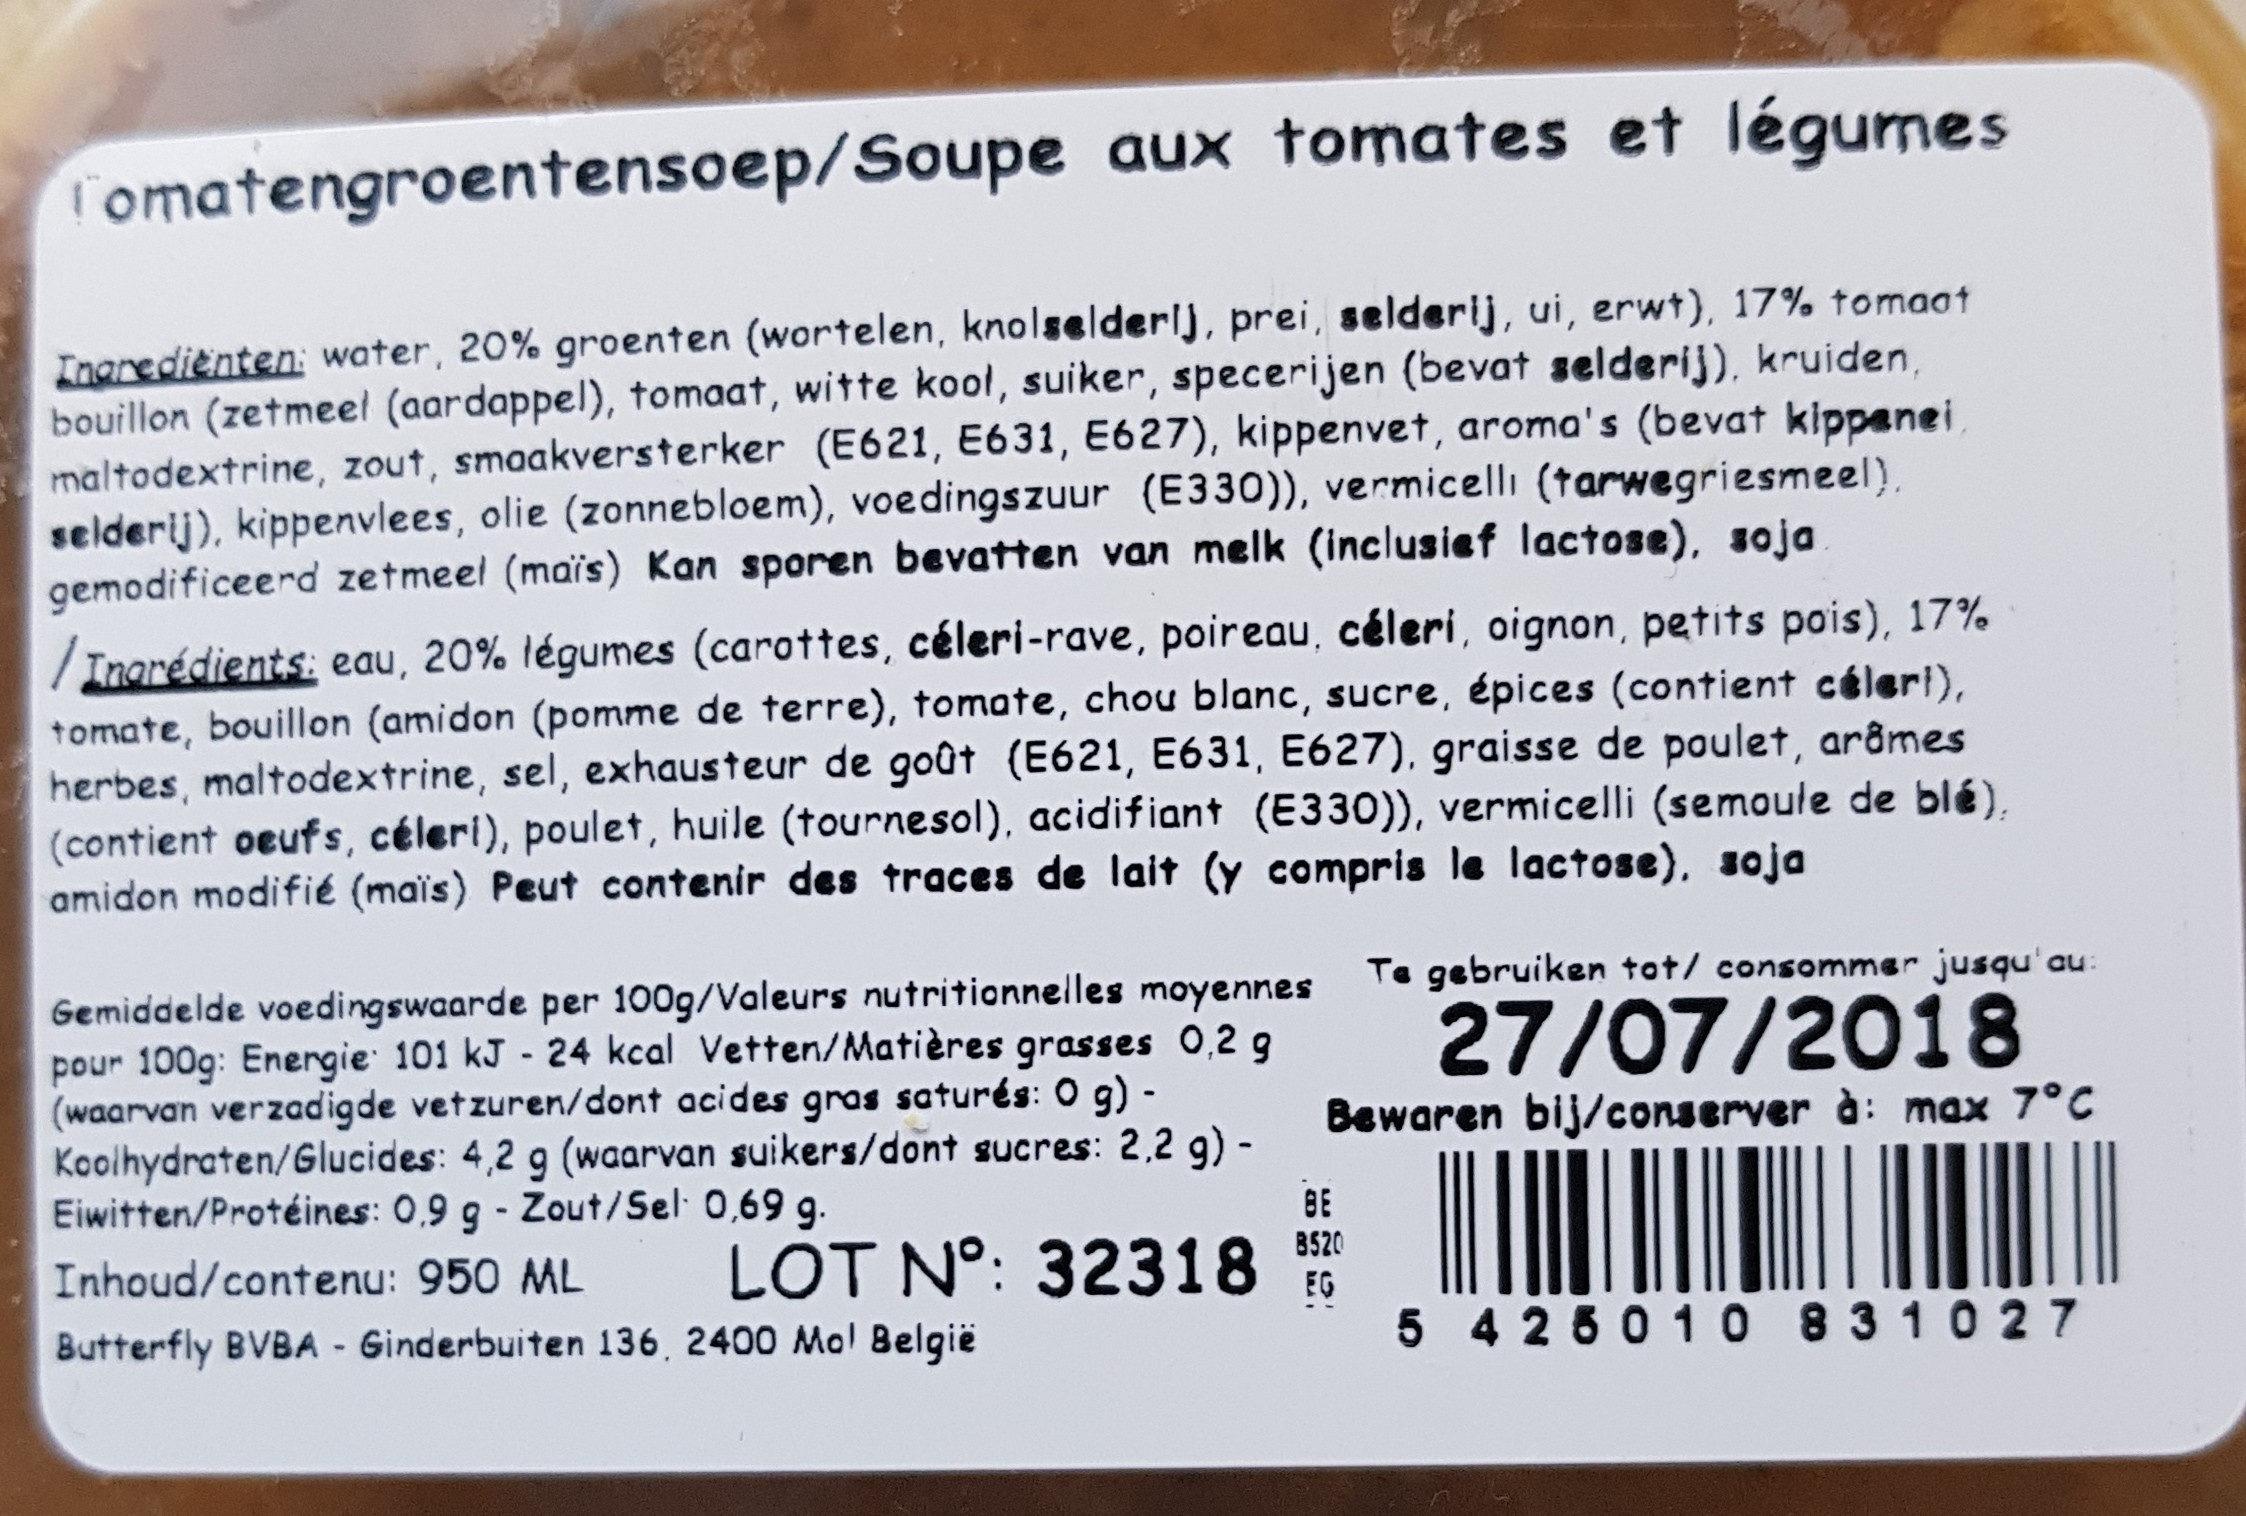 tomatengroentensoep - Ingrediënten